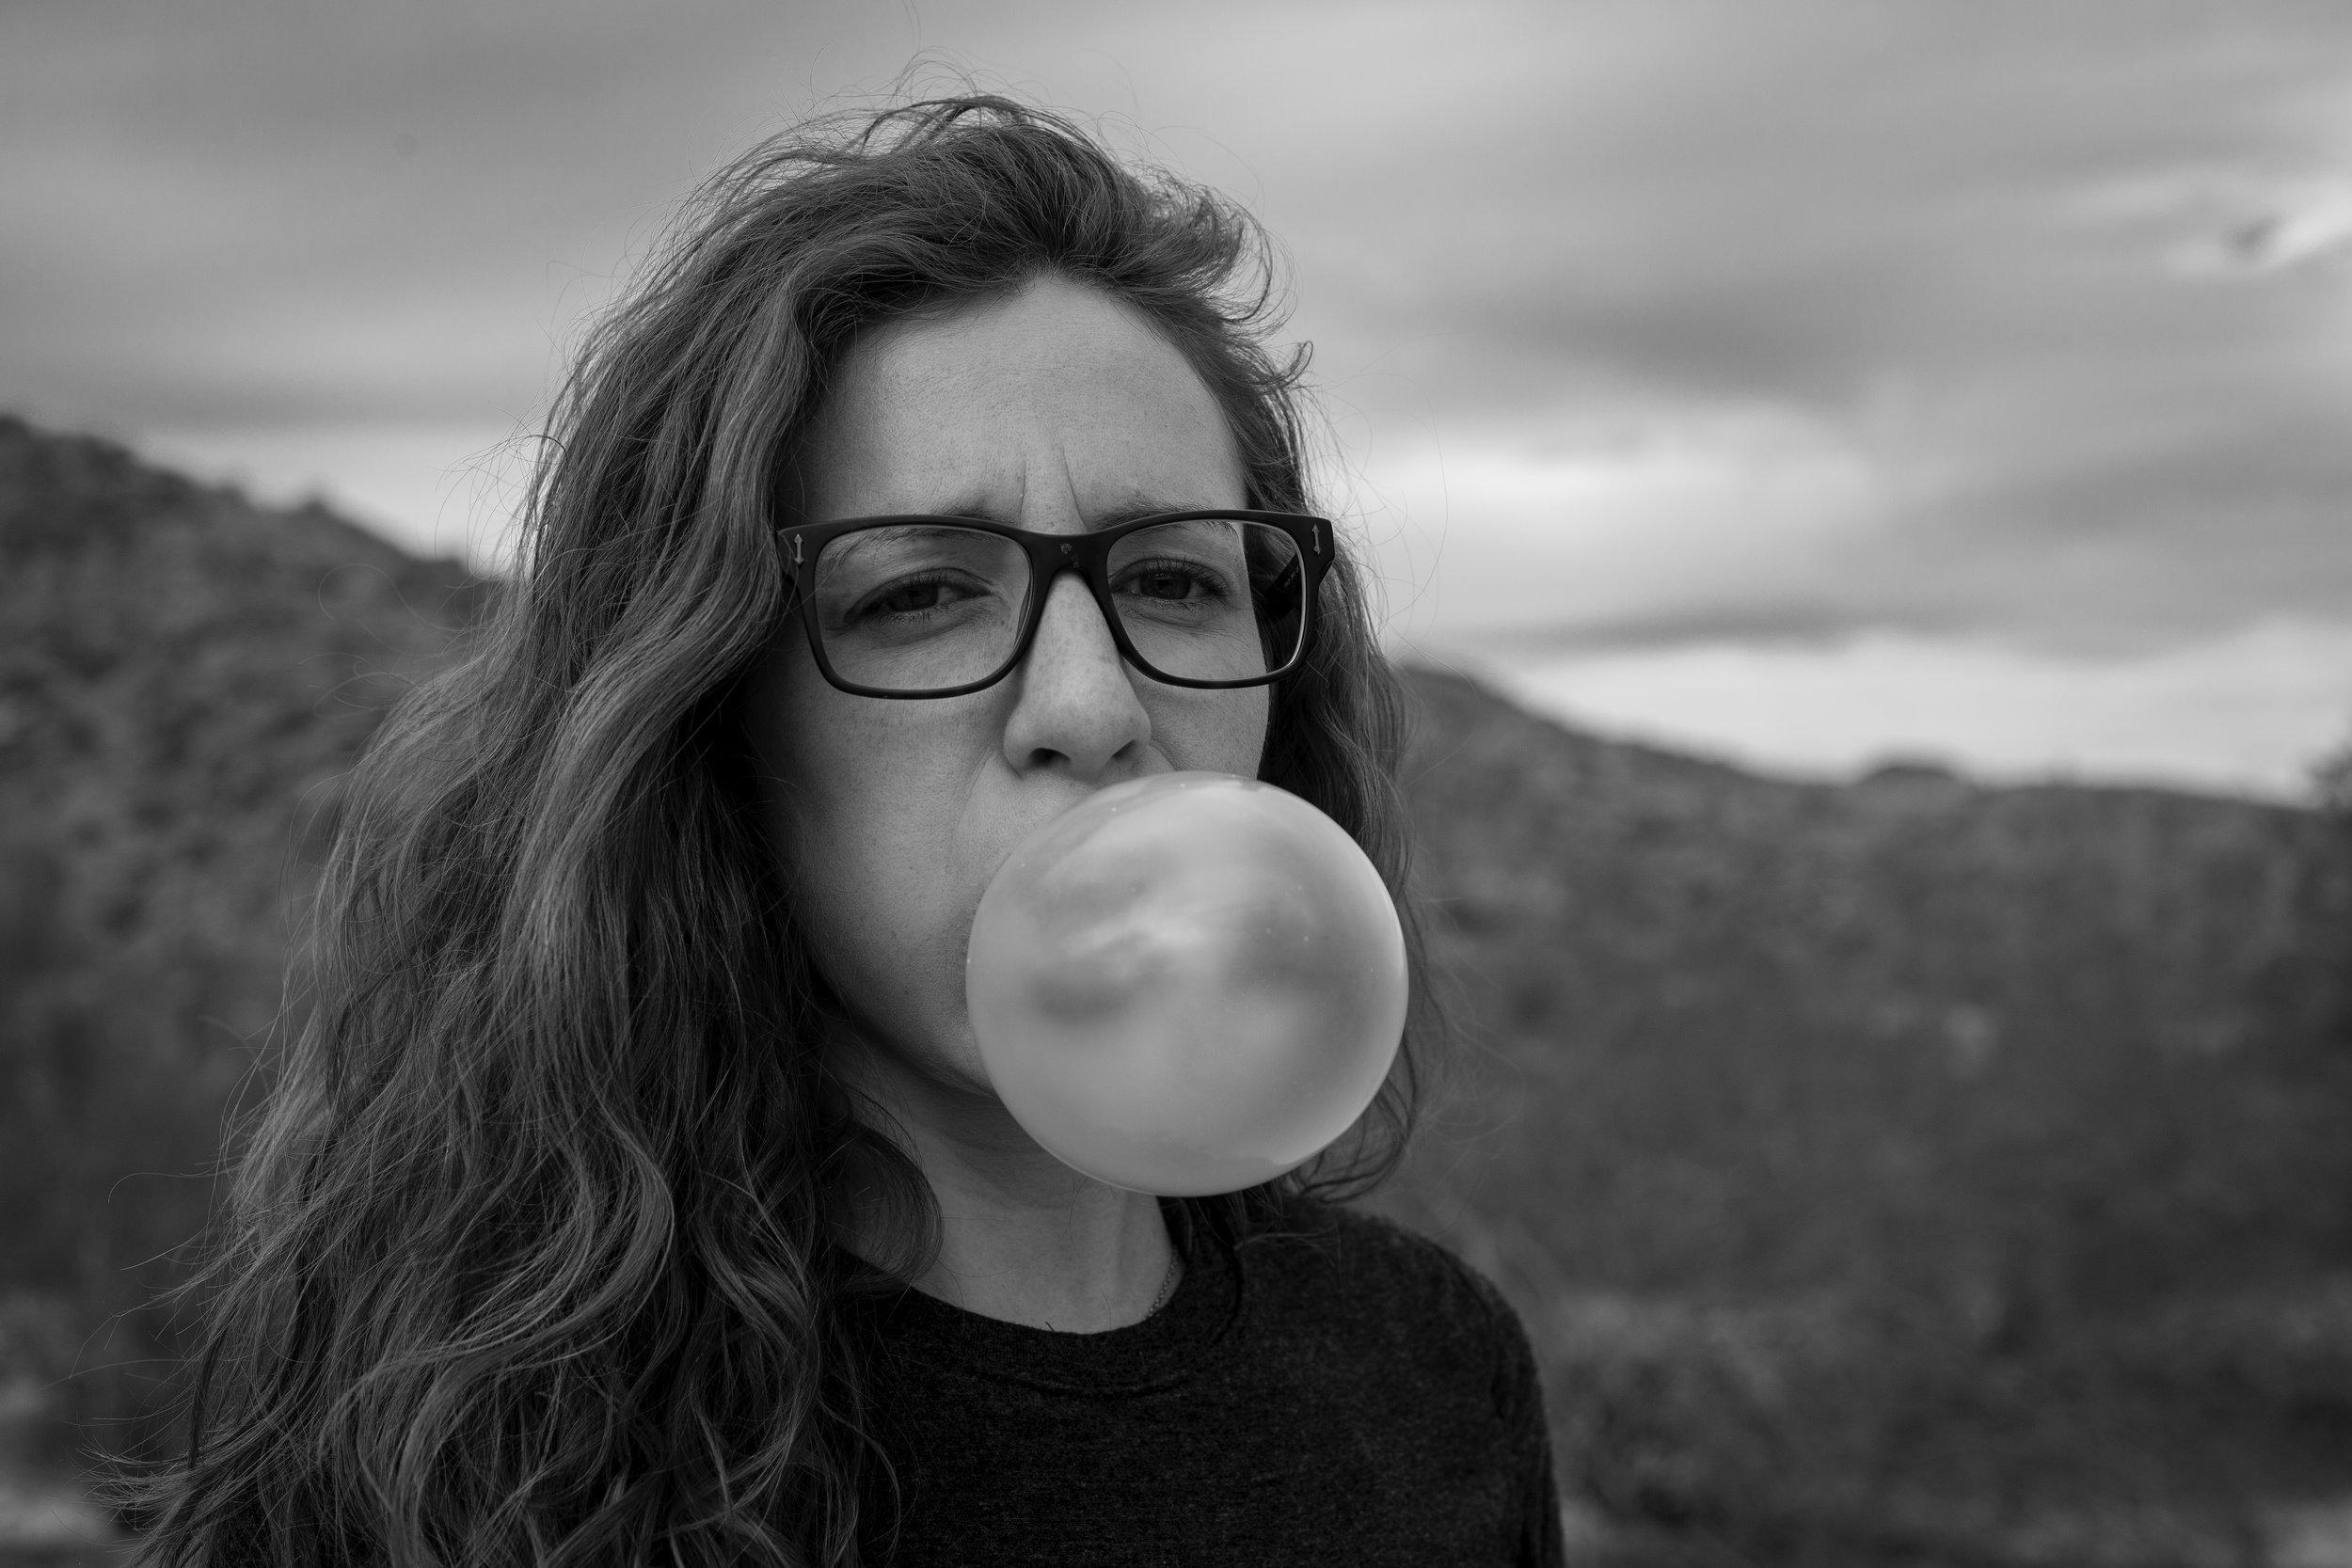 2018_Allison_Bubble Gum 4_6.jpg